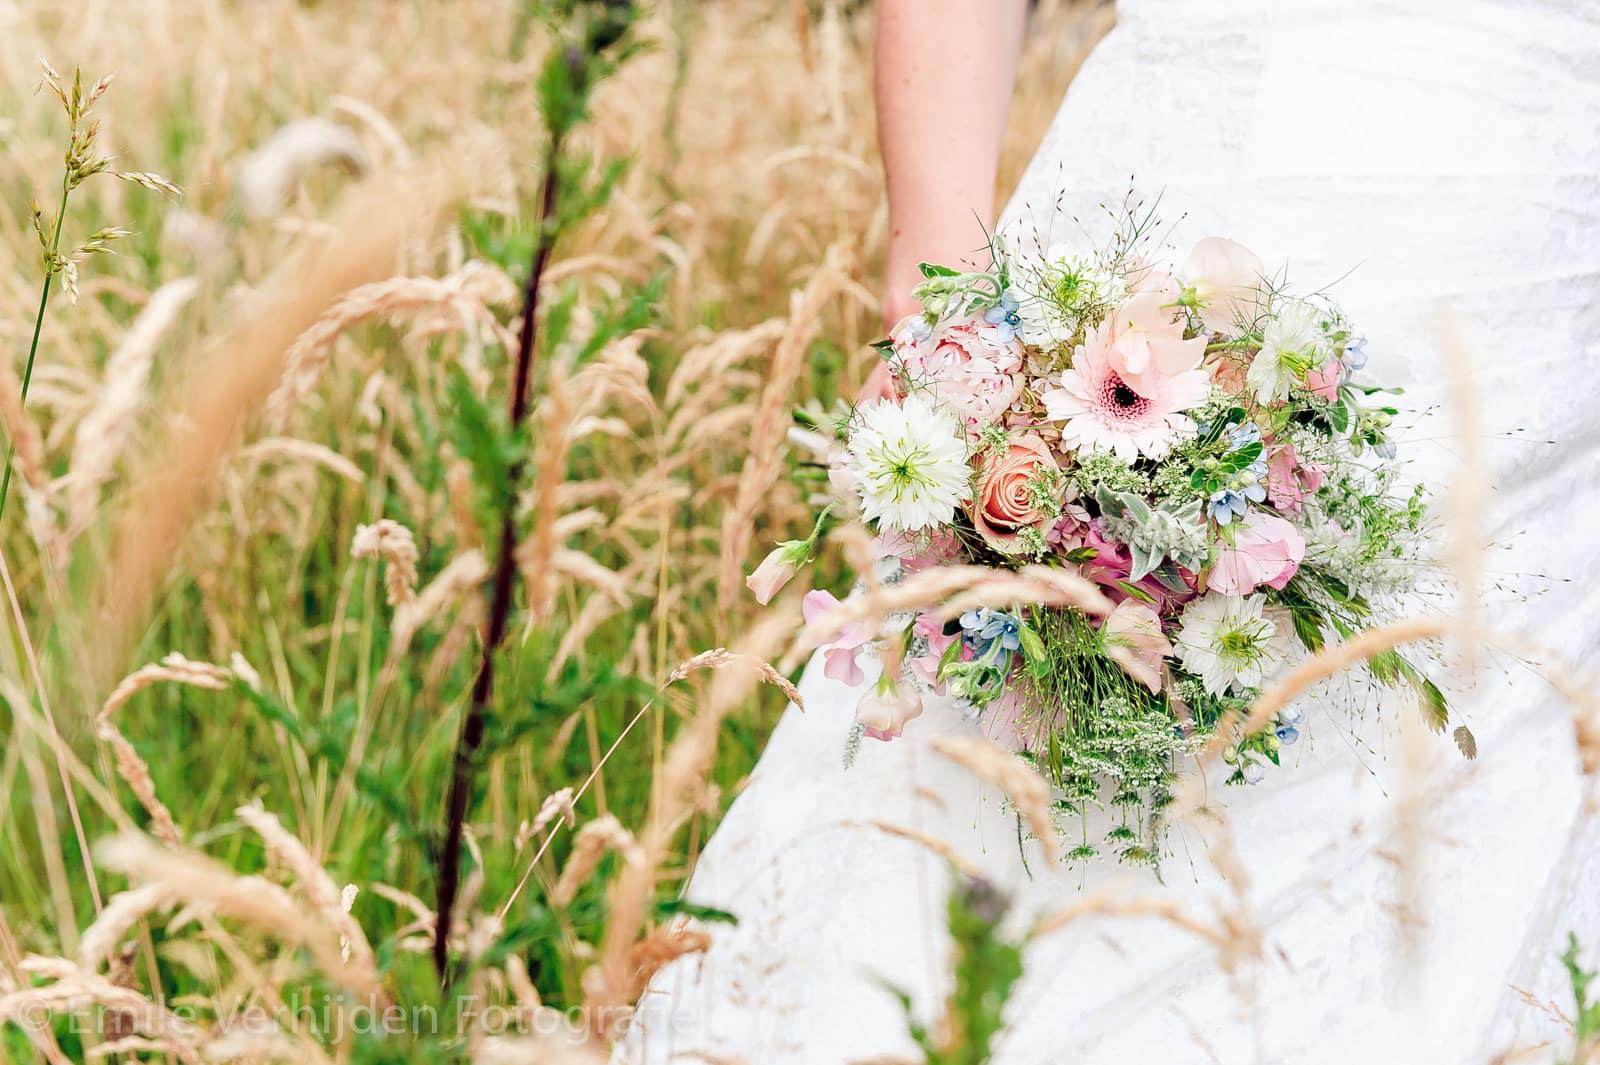 Bruidsboeket tussen het gras